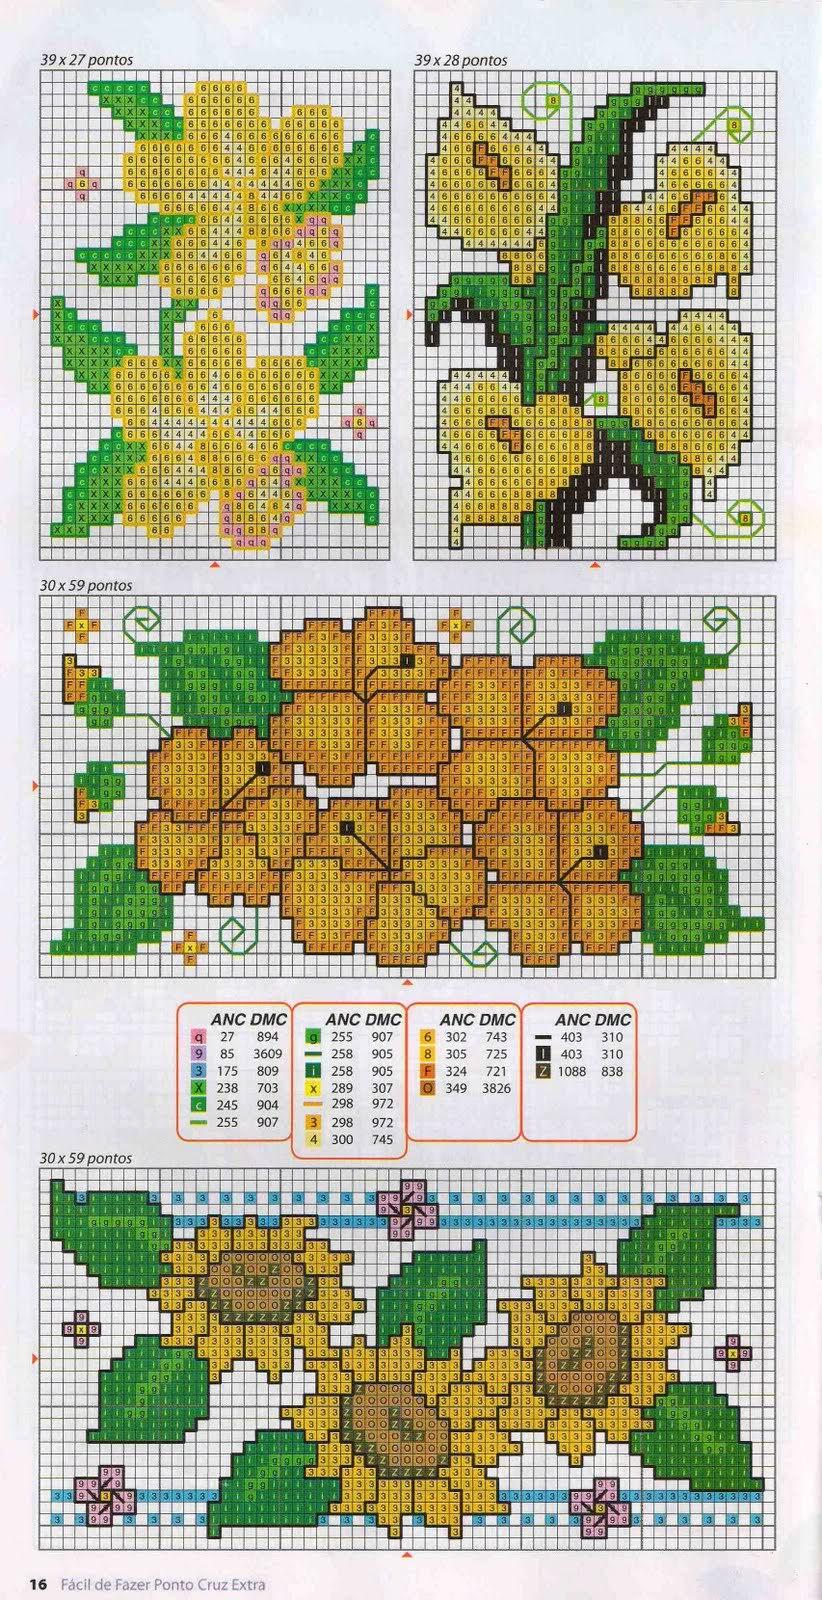 Clique na figura do gráfico das flores para ampliar e poder salvar e